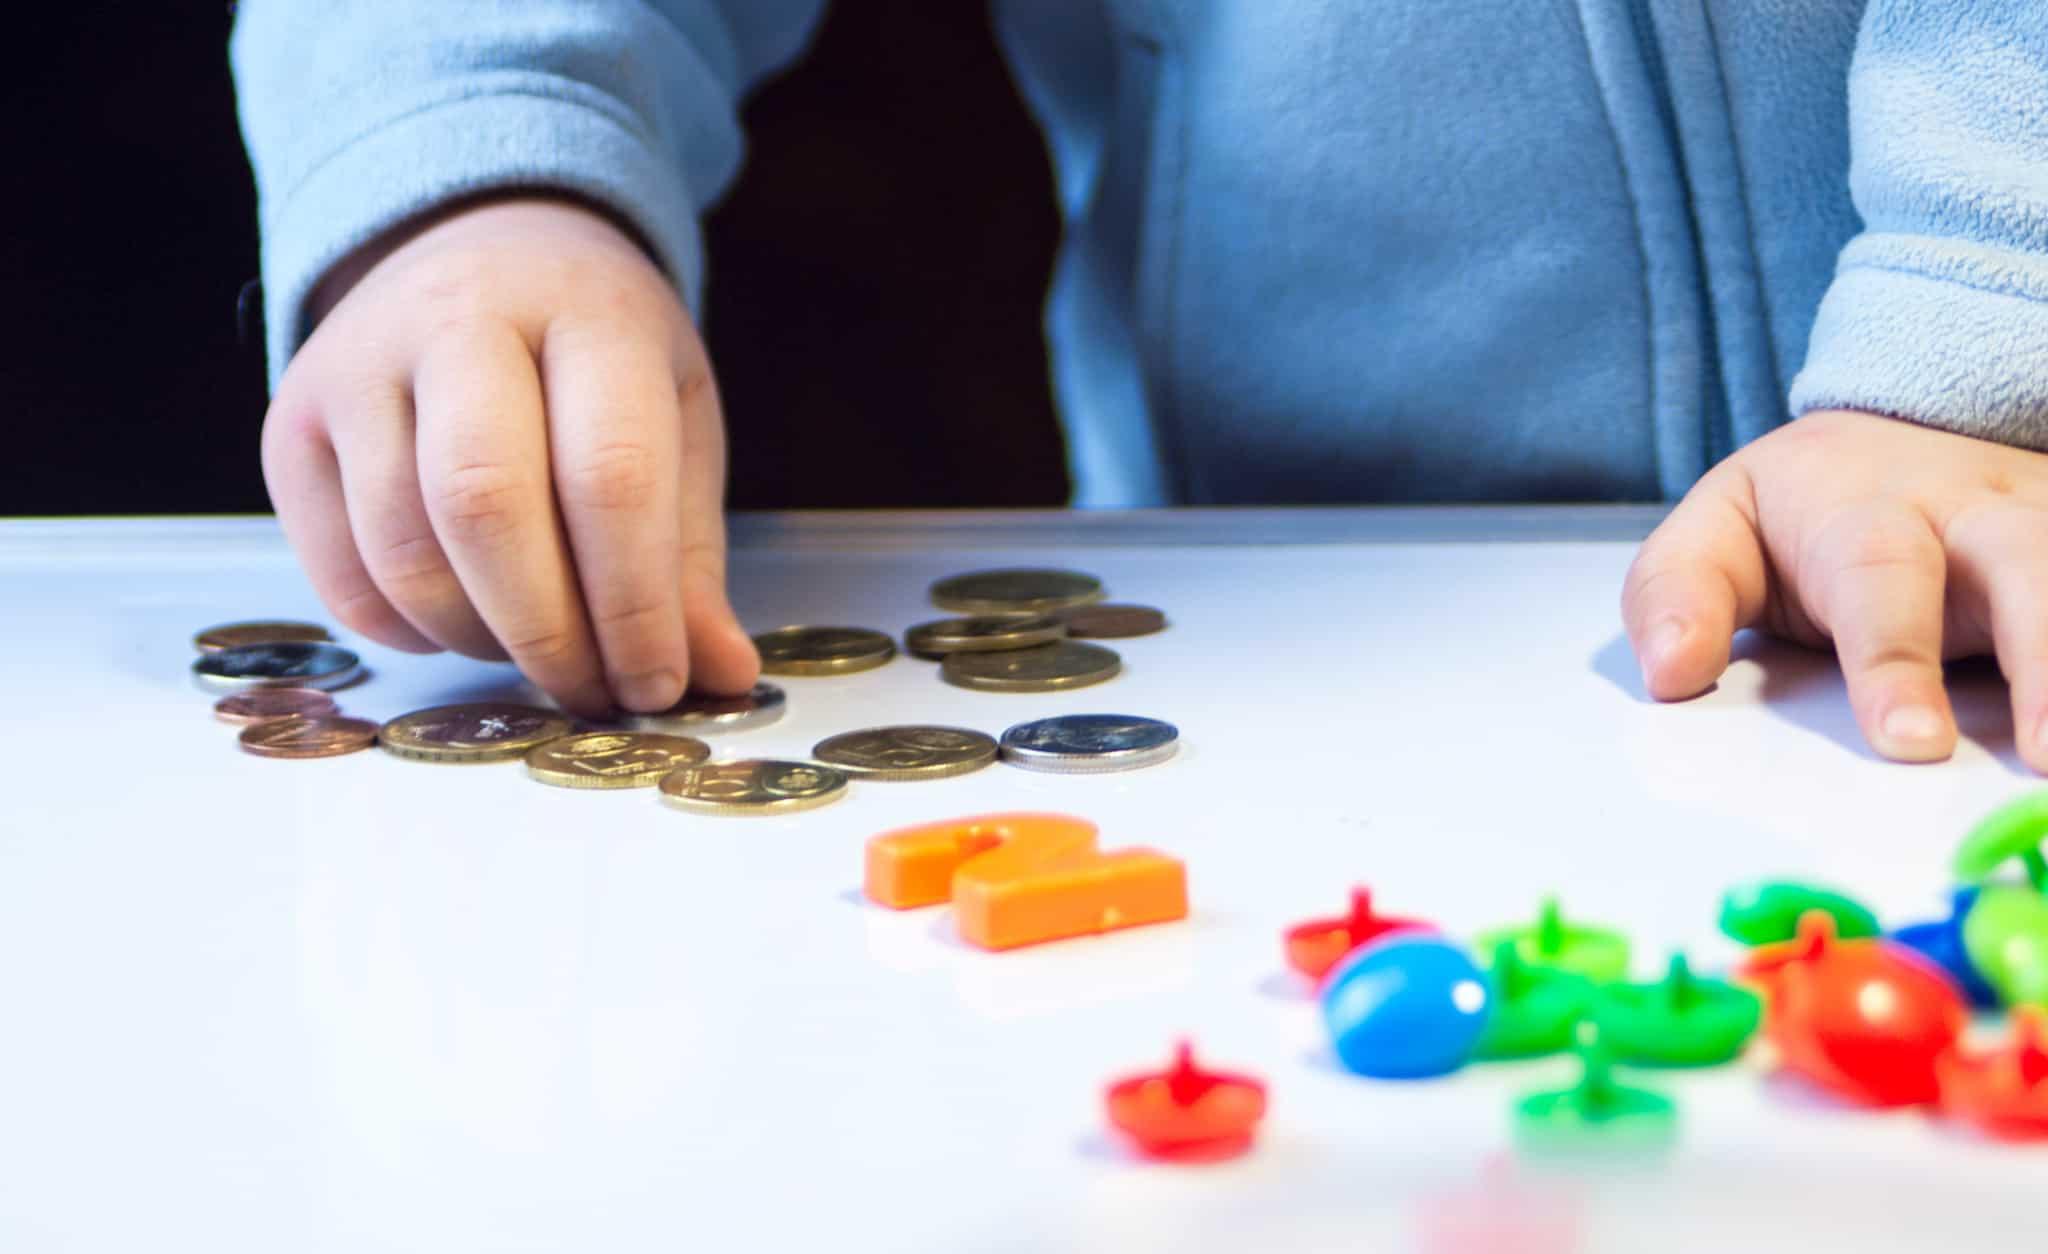 bebé-a-brincar-com-moedas-e-peças